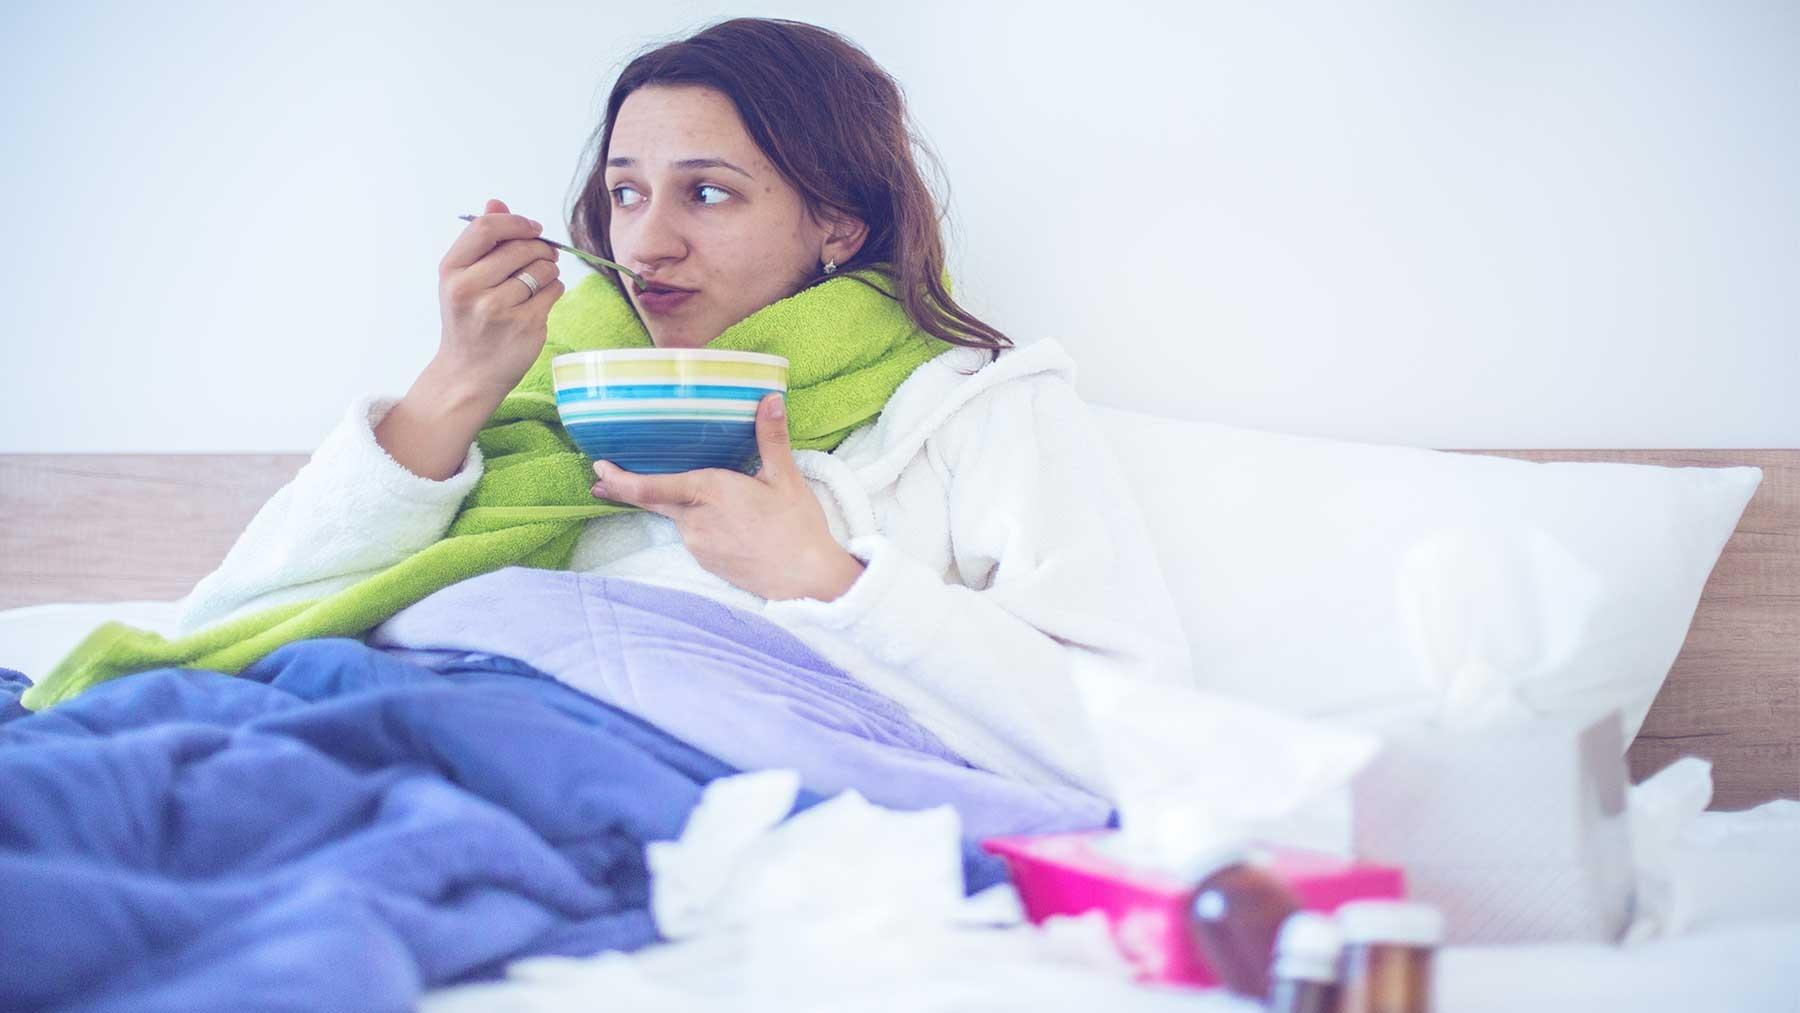 Что не стоит есть и пить во время гриппа, чтобы выздороветь быстрее